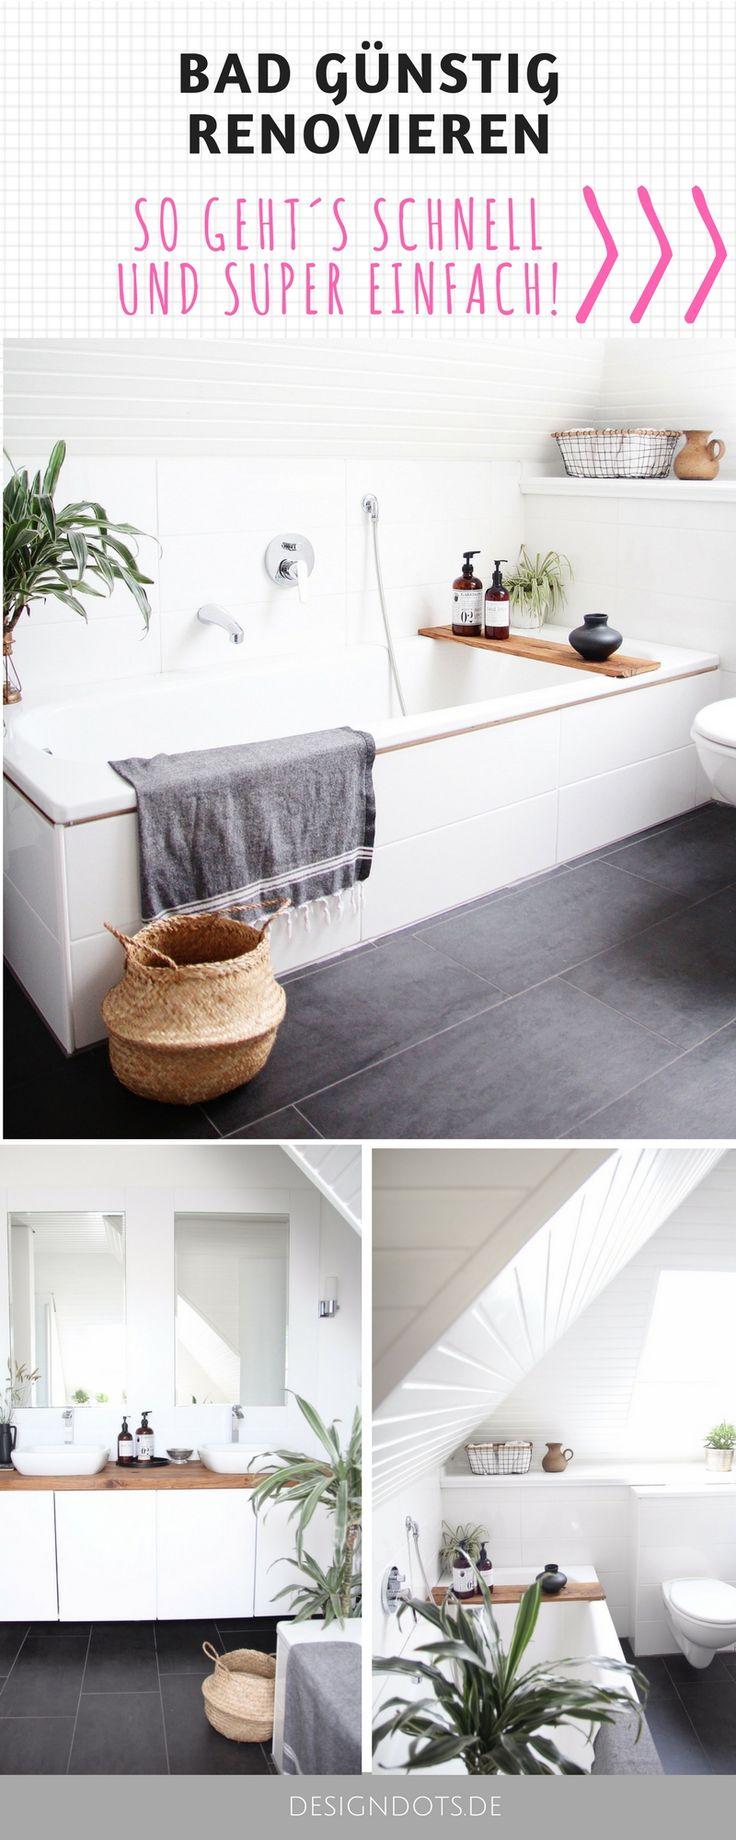 die besten 25 kleine b der ideen auf pinterest kleines badezimmer kleines badezimmer redo. Black Bedroom Furniture Sets. Home Design Ideas